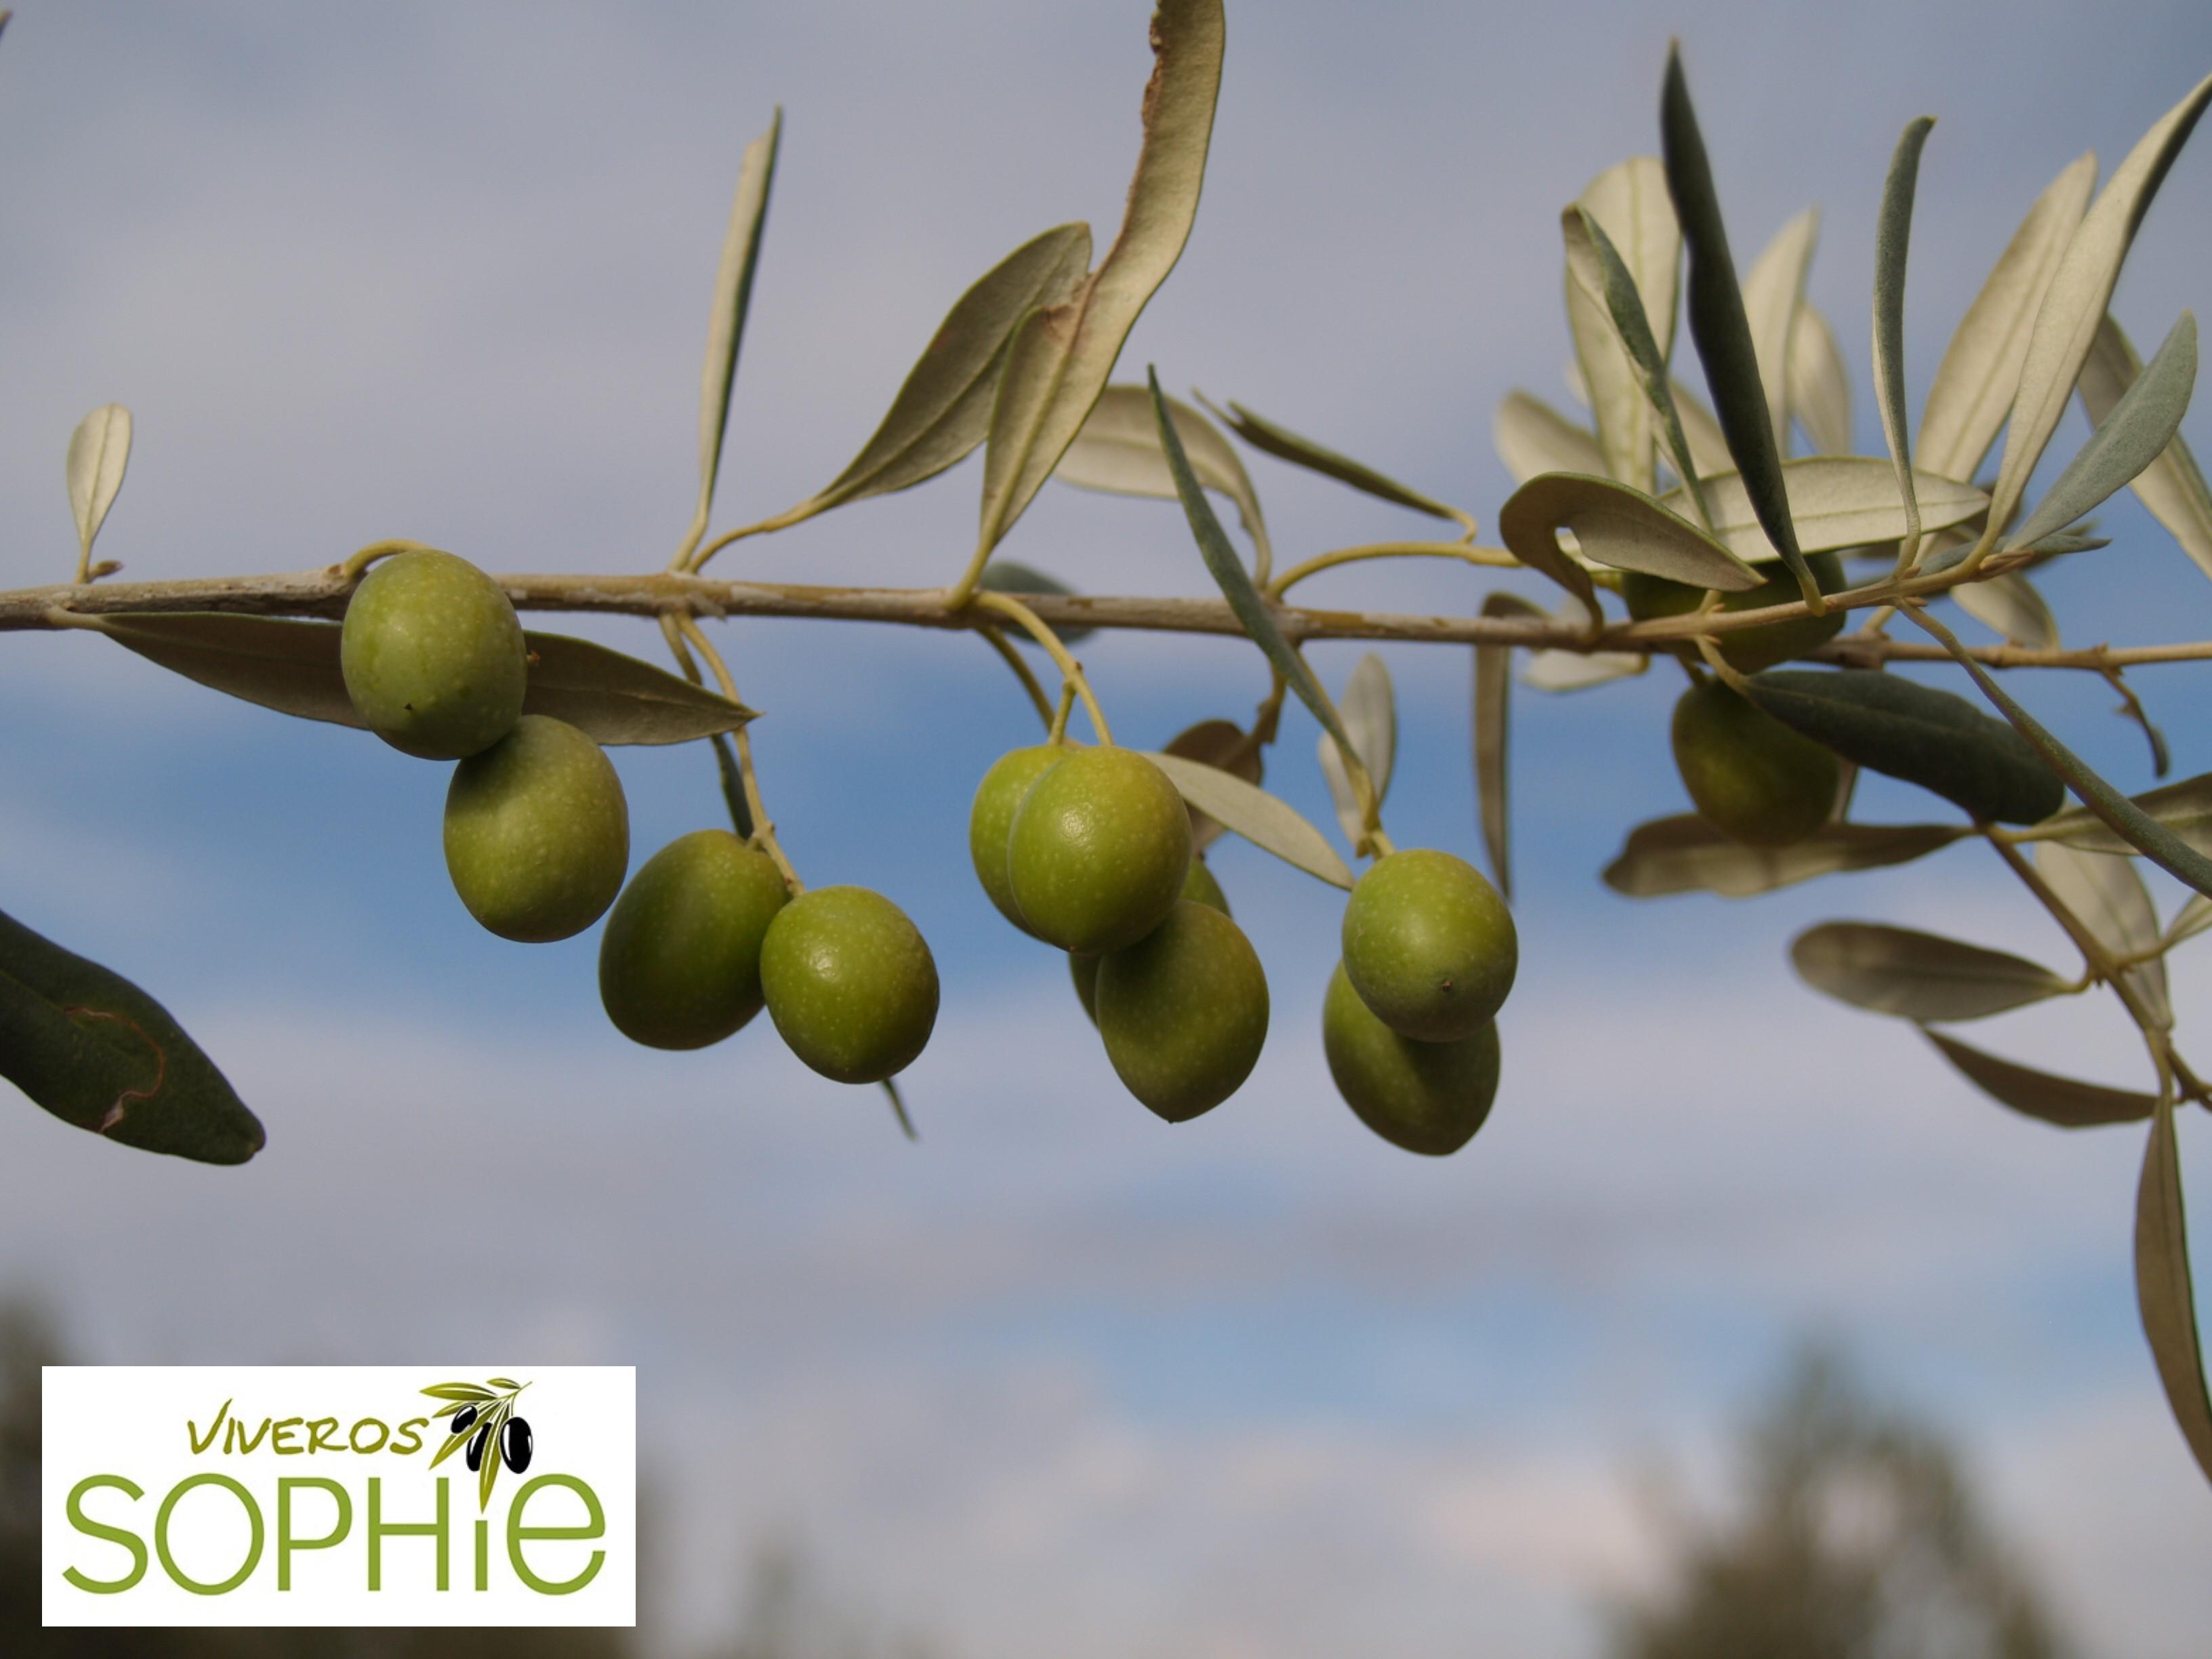 Variedad de planta de olivo verdial de velez m laga for Viveros del sureste